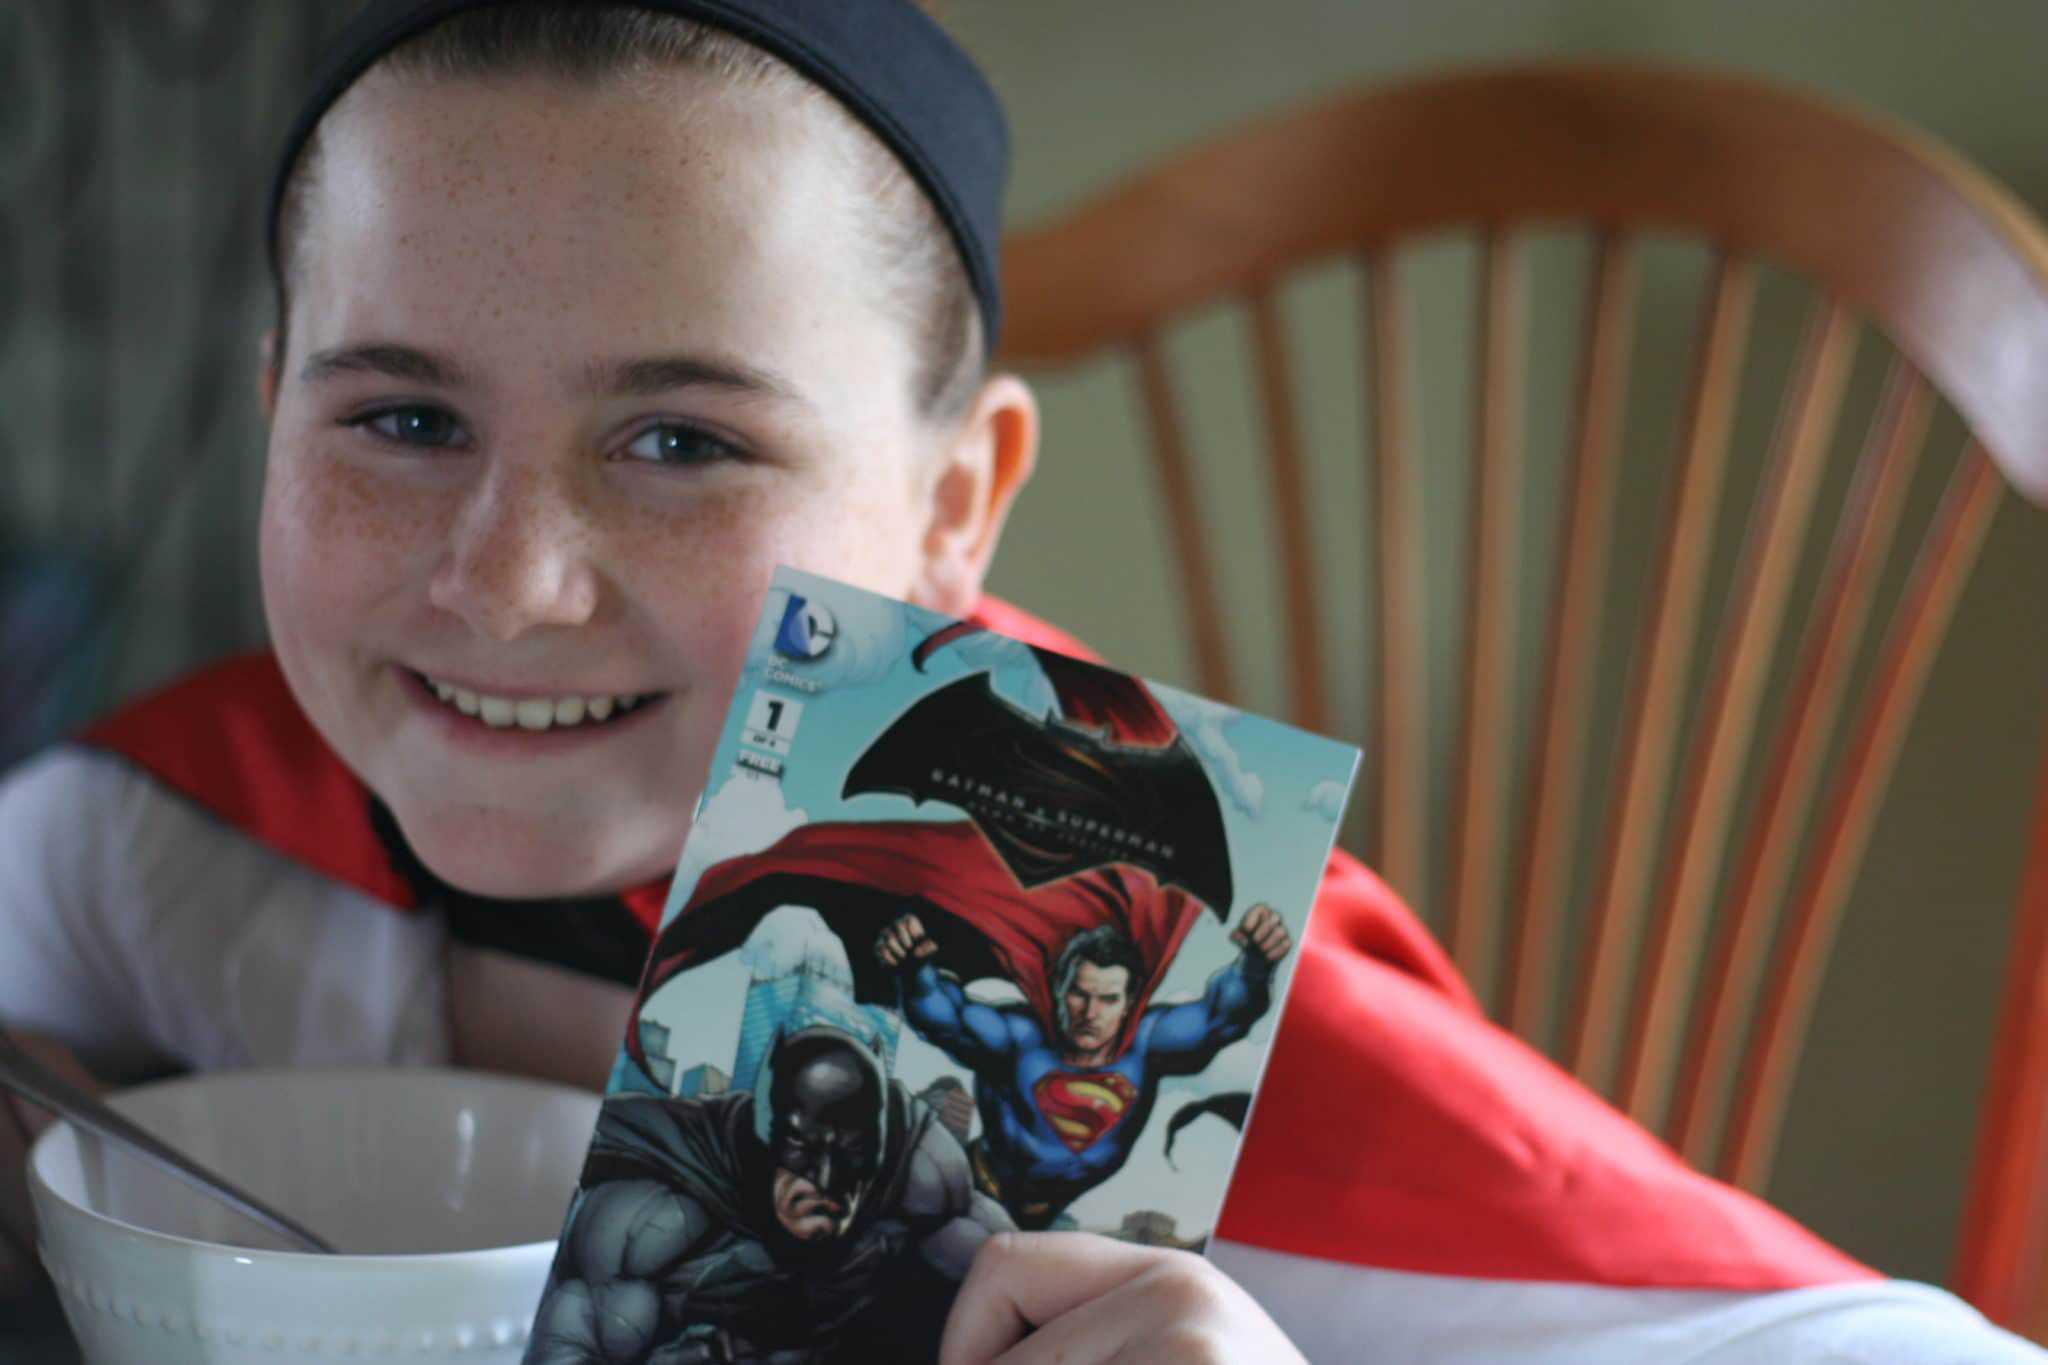 Batman vs Superman Cereal